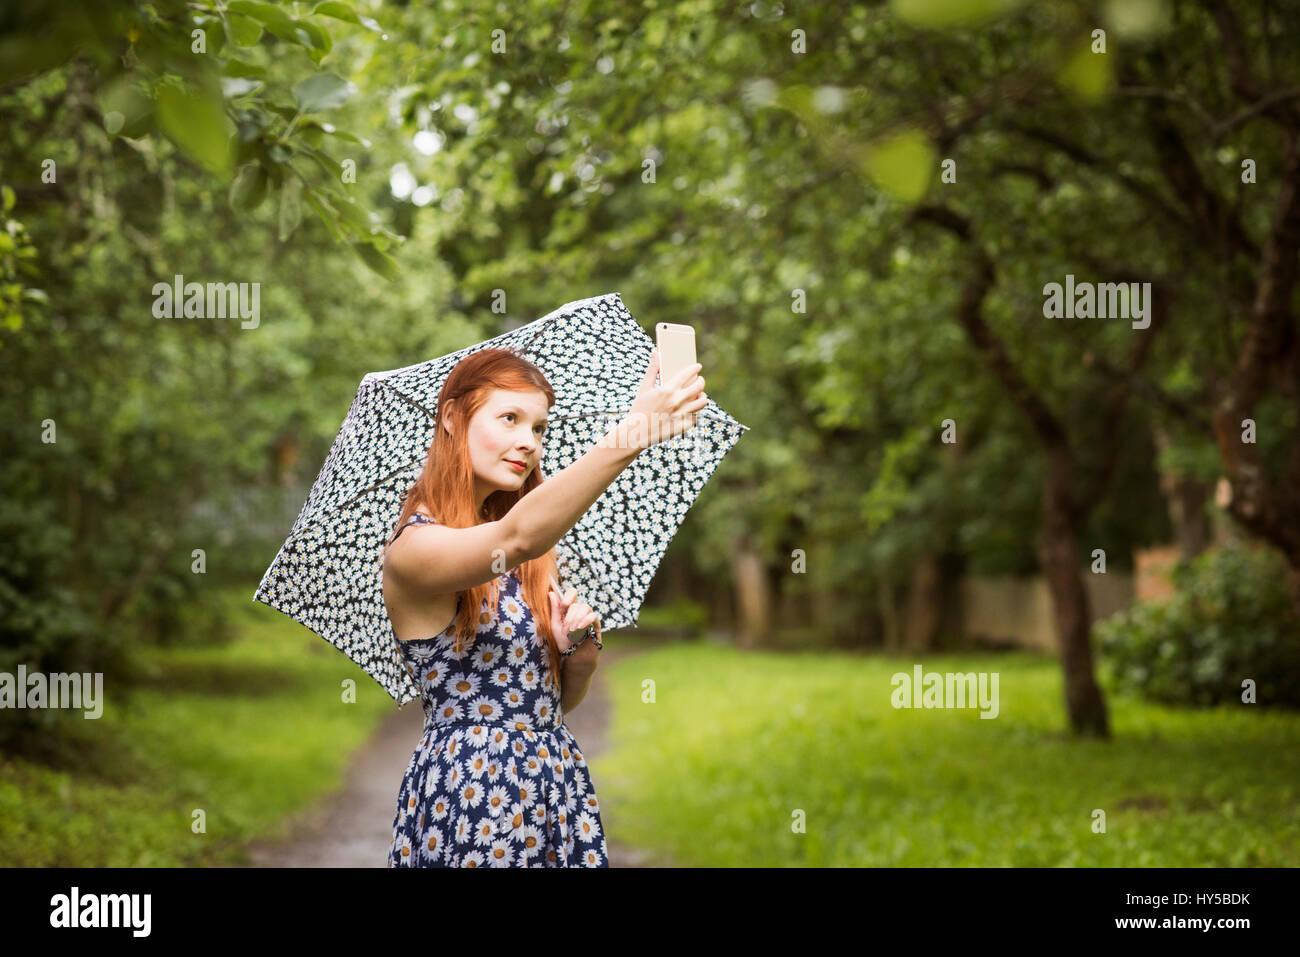 Finlandia, Pirkanmaa, Tampere, mujer vistiendo vestido floral de pie con paraguas en el parque y teniendo selfie Imagen De Stock